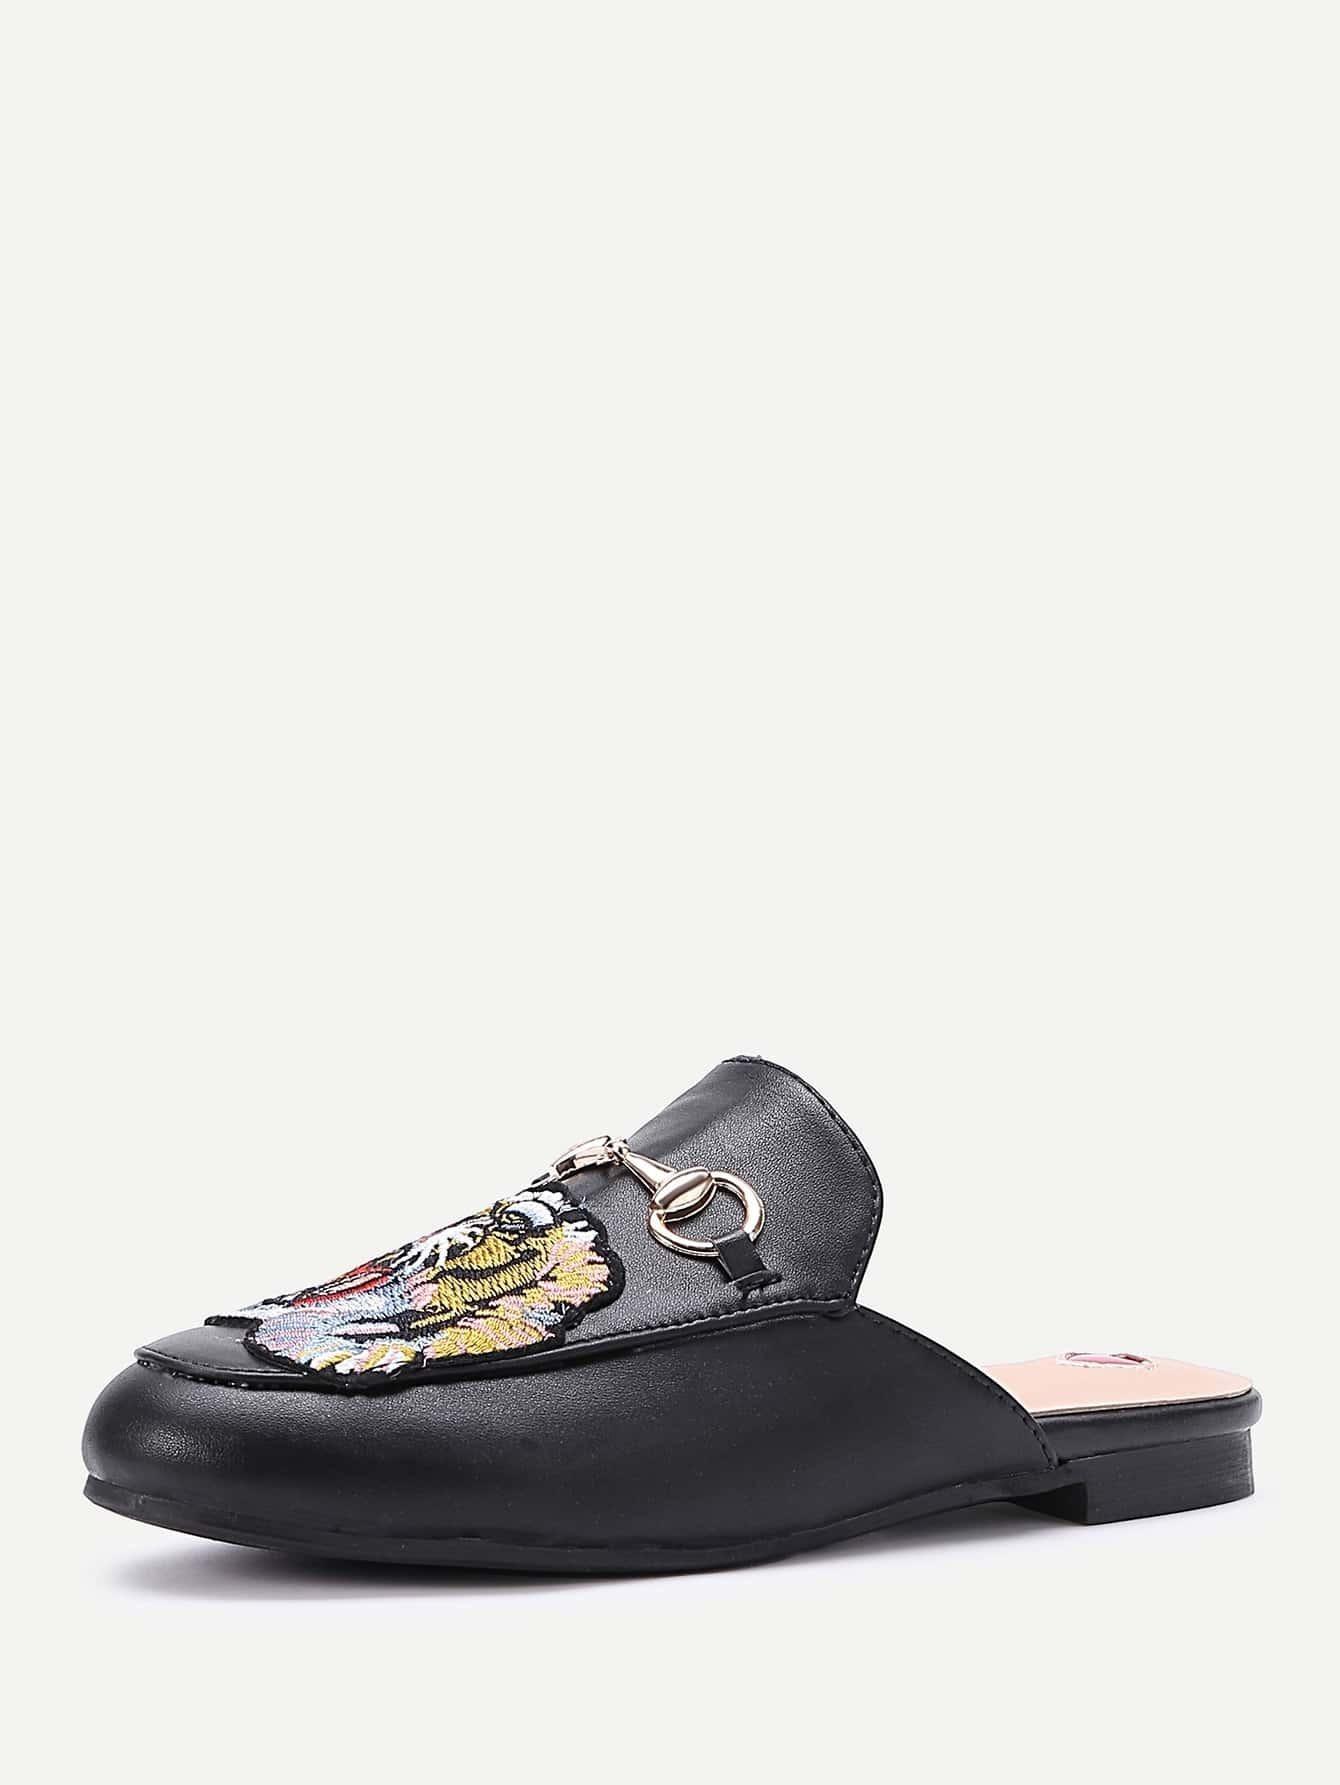 shoes170410807_2